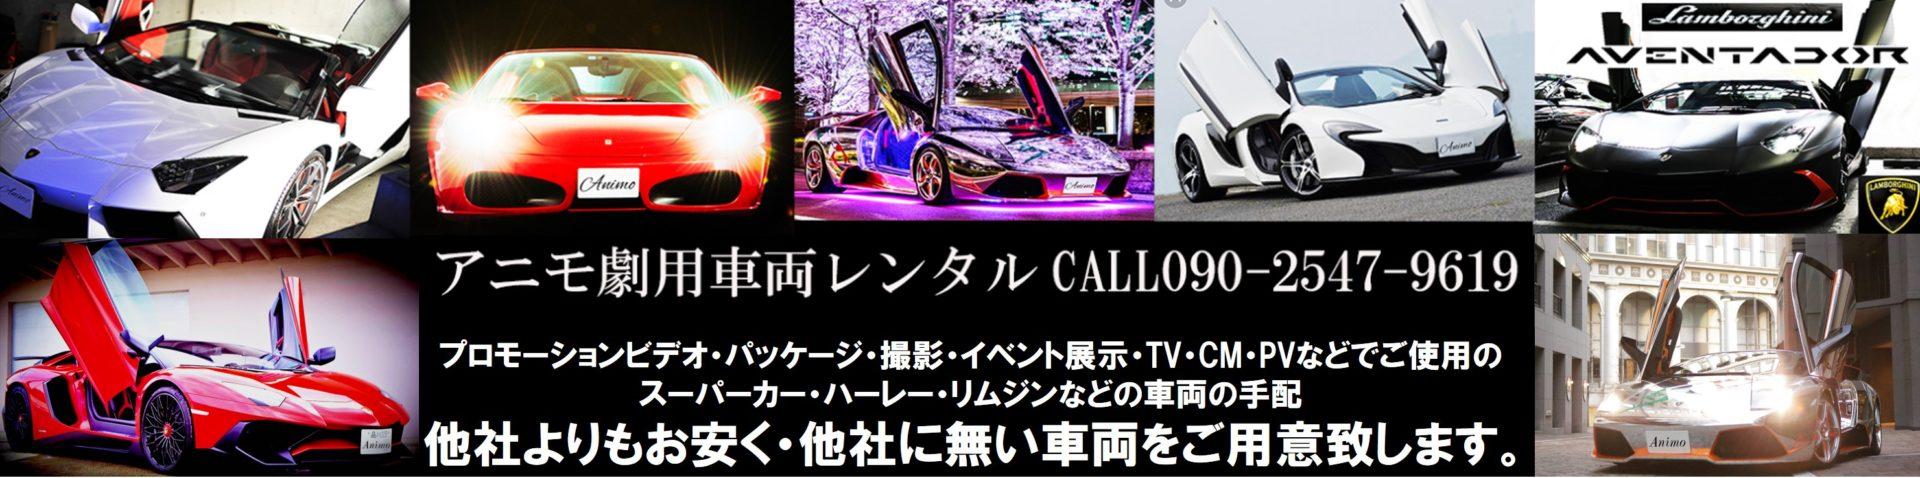 👈メニューはこちら!   アニモ劇用車スーパーカー シェアリング